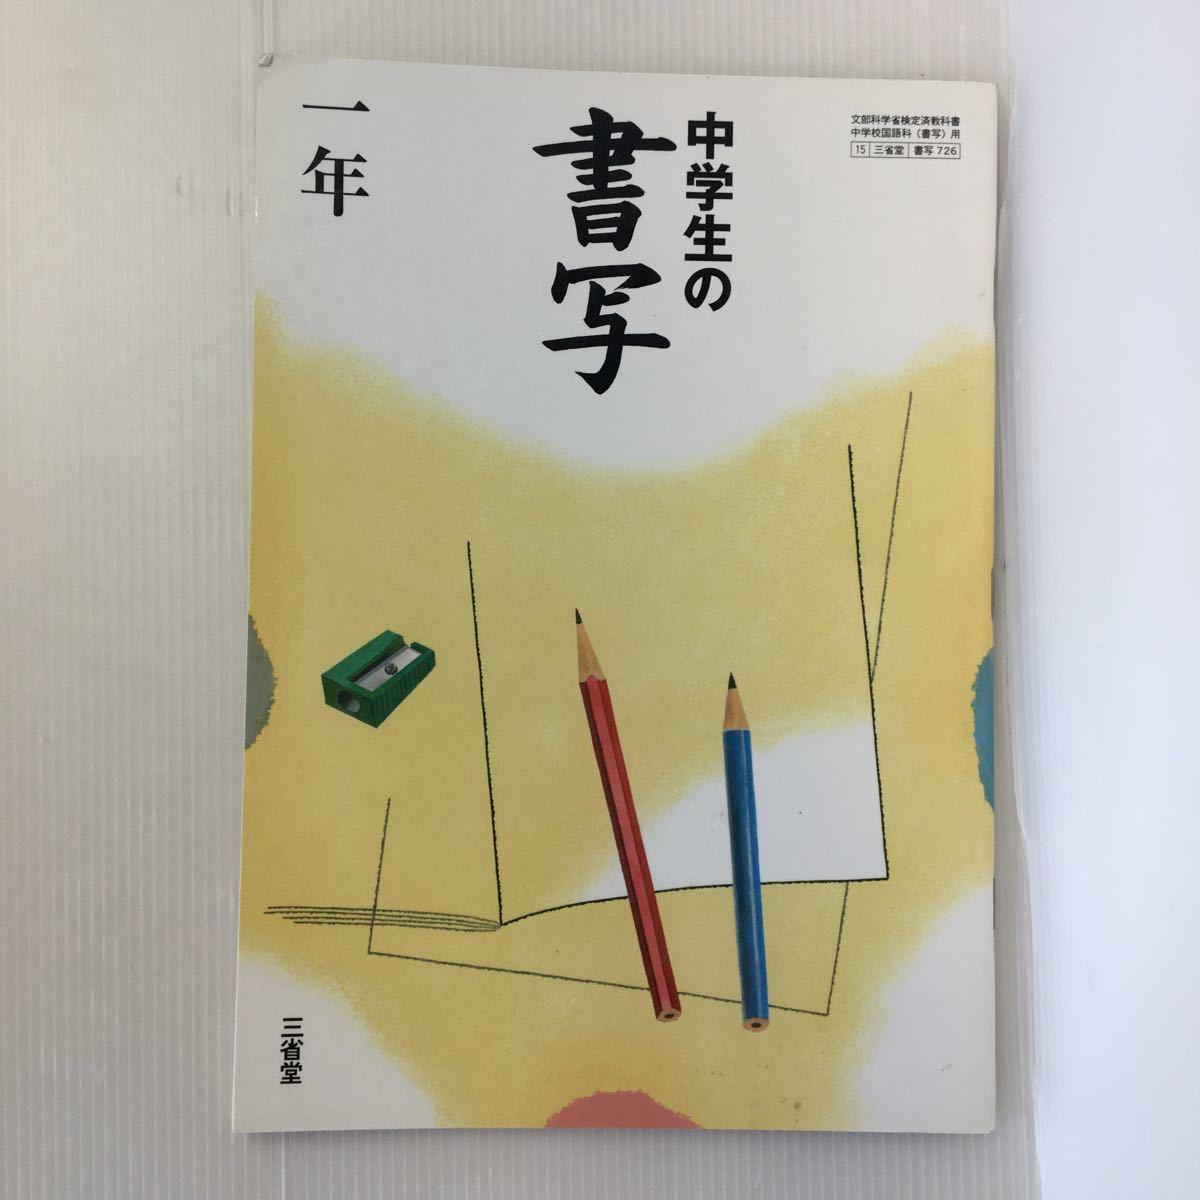 zaa-049★中学生の書写 1年 [平成24年度採用] 単行本 2011/2/1